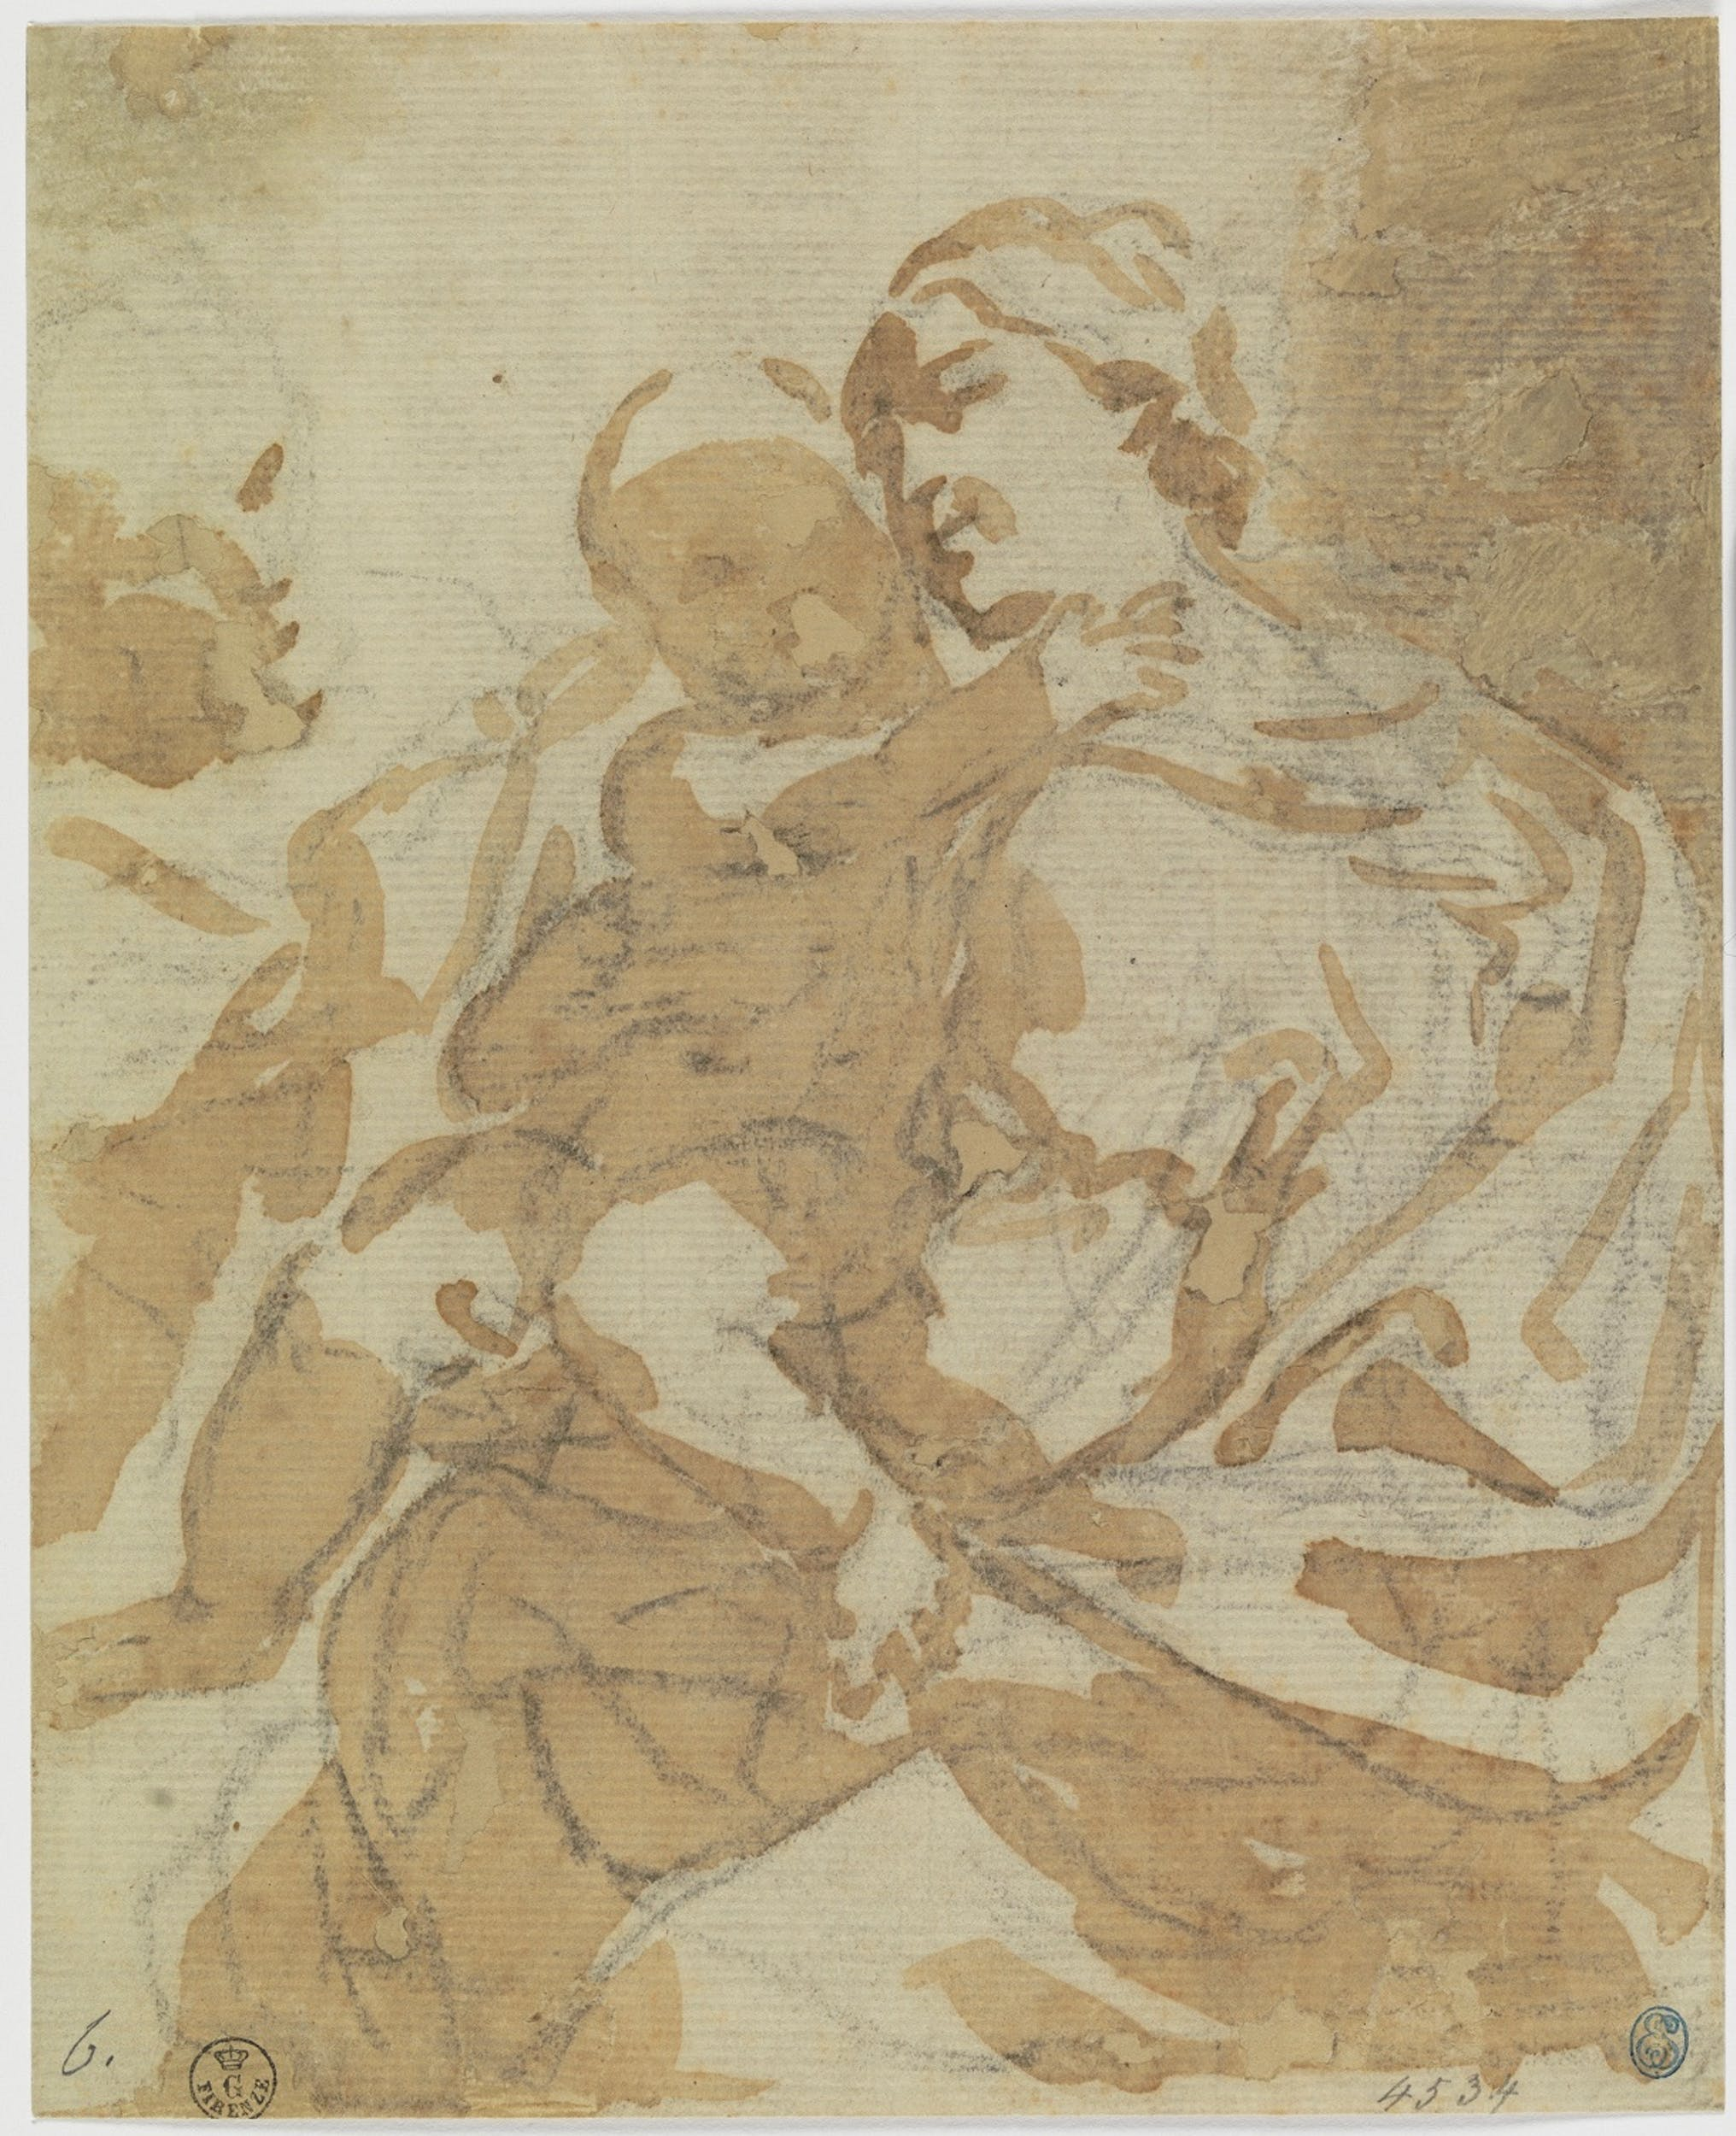 Elisabetta Sirani Sacra Famiglia Pennello e inchiostro diluito, pietra nera, carta Firenze, Gallerie degli Uffizi, Gabinetto dei Disegni e delle Stampe